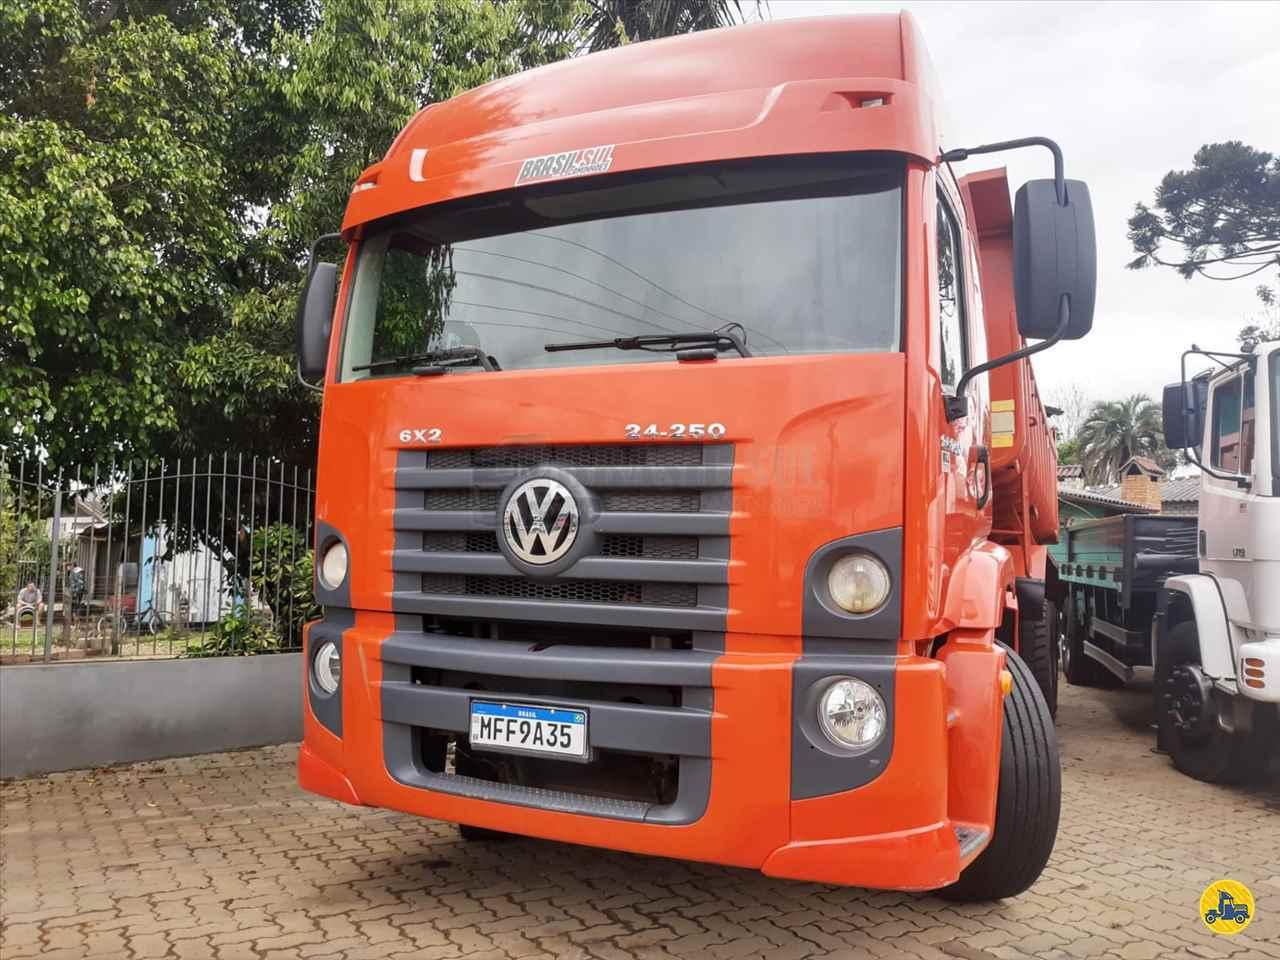 CAMINHAO VOLKSWAGEN VW 24250 Caçamba Basculante Truck 6x2 Brasil Sul Caminhões PORTAO RIO GRANDE DO SUL RS